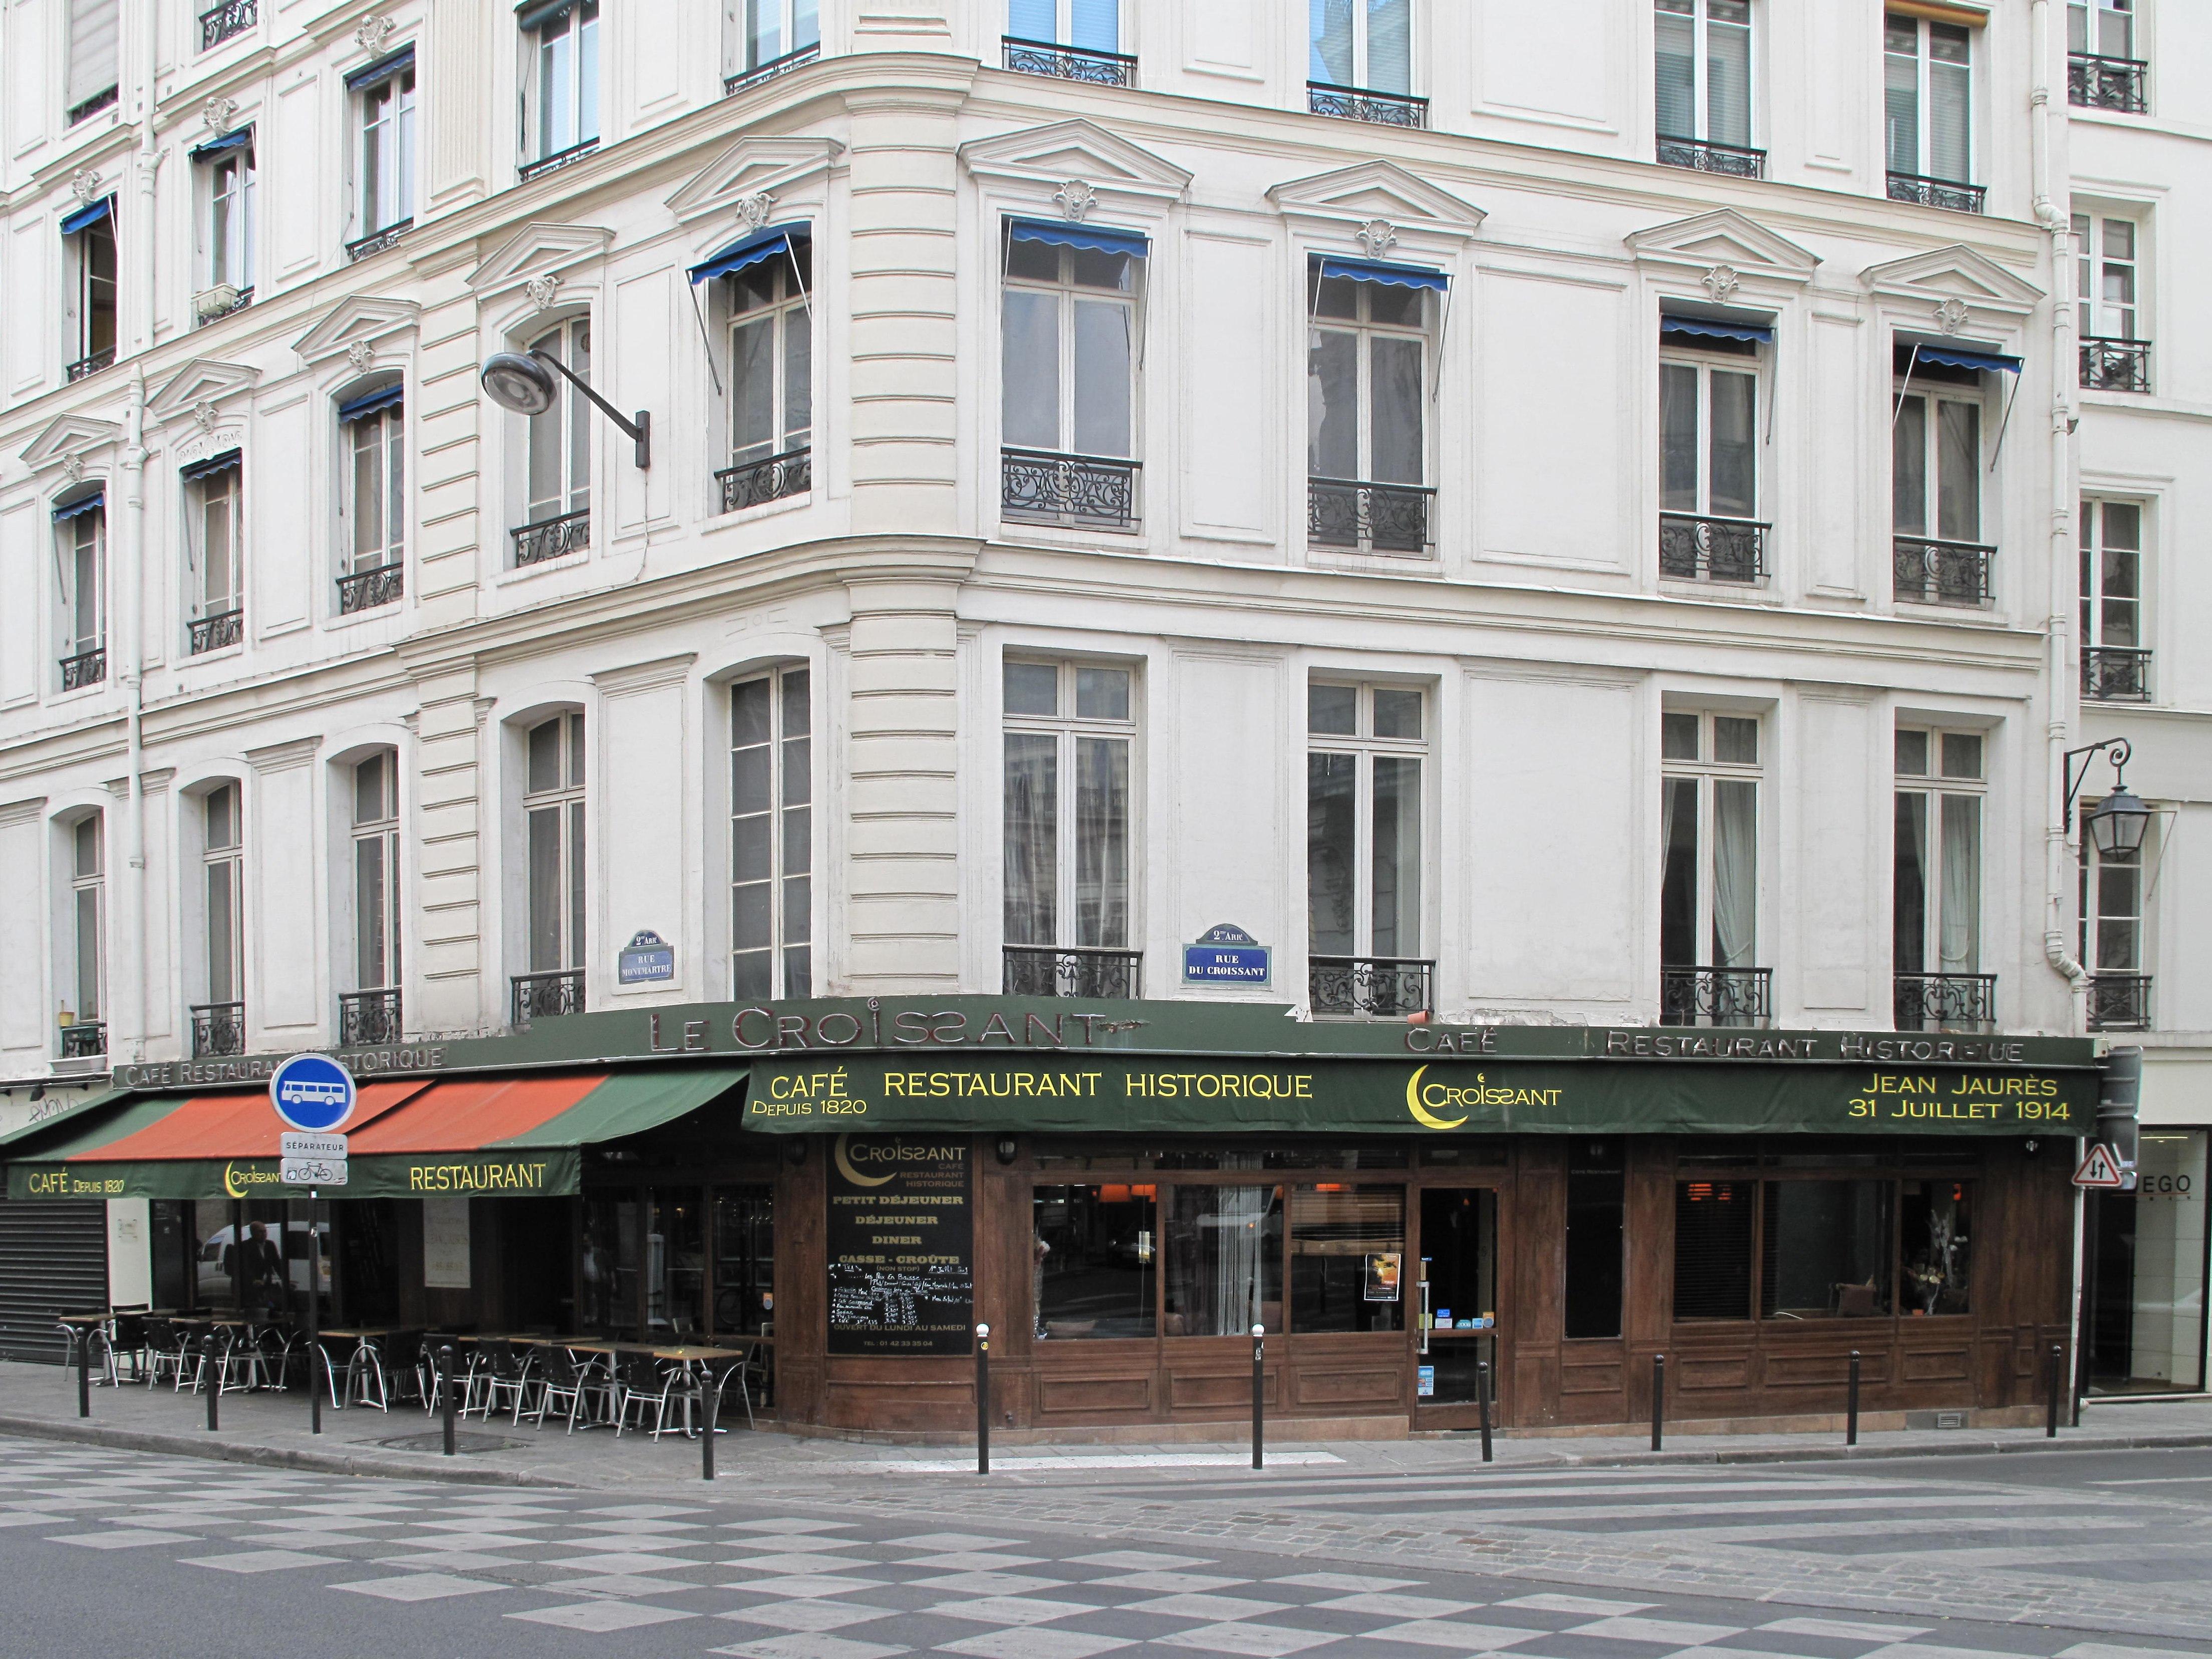 File:Café du Croissant.jpg - Wikimedia Commons